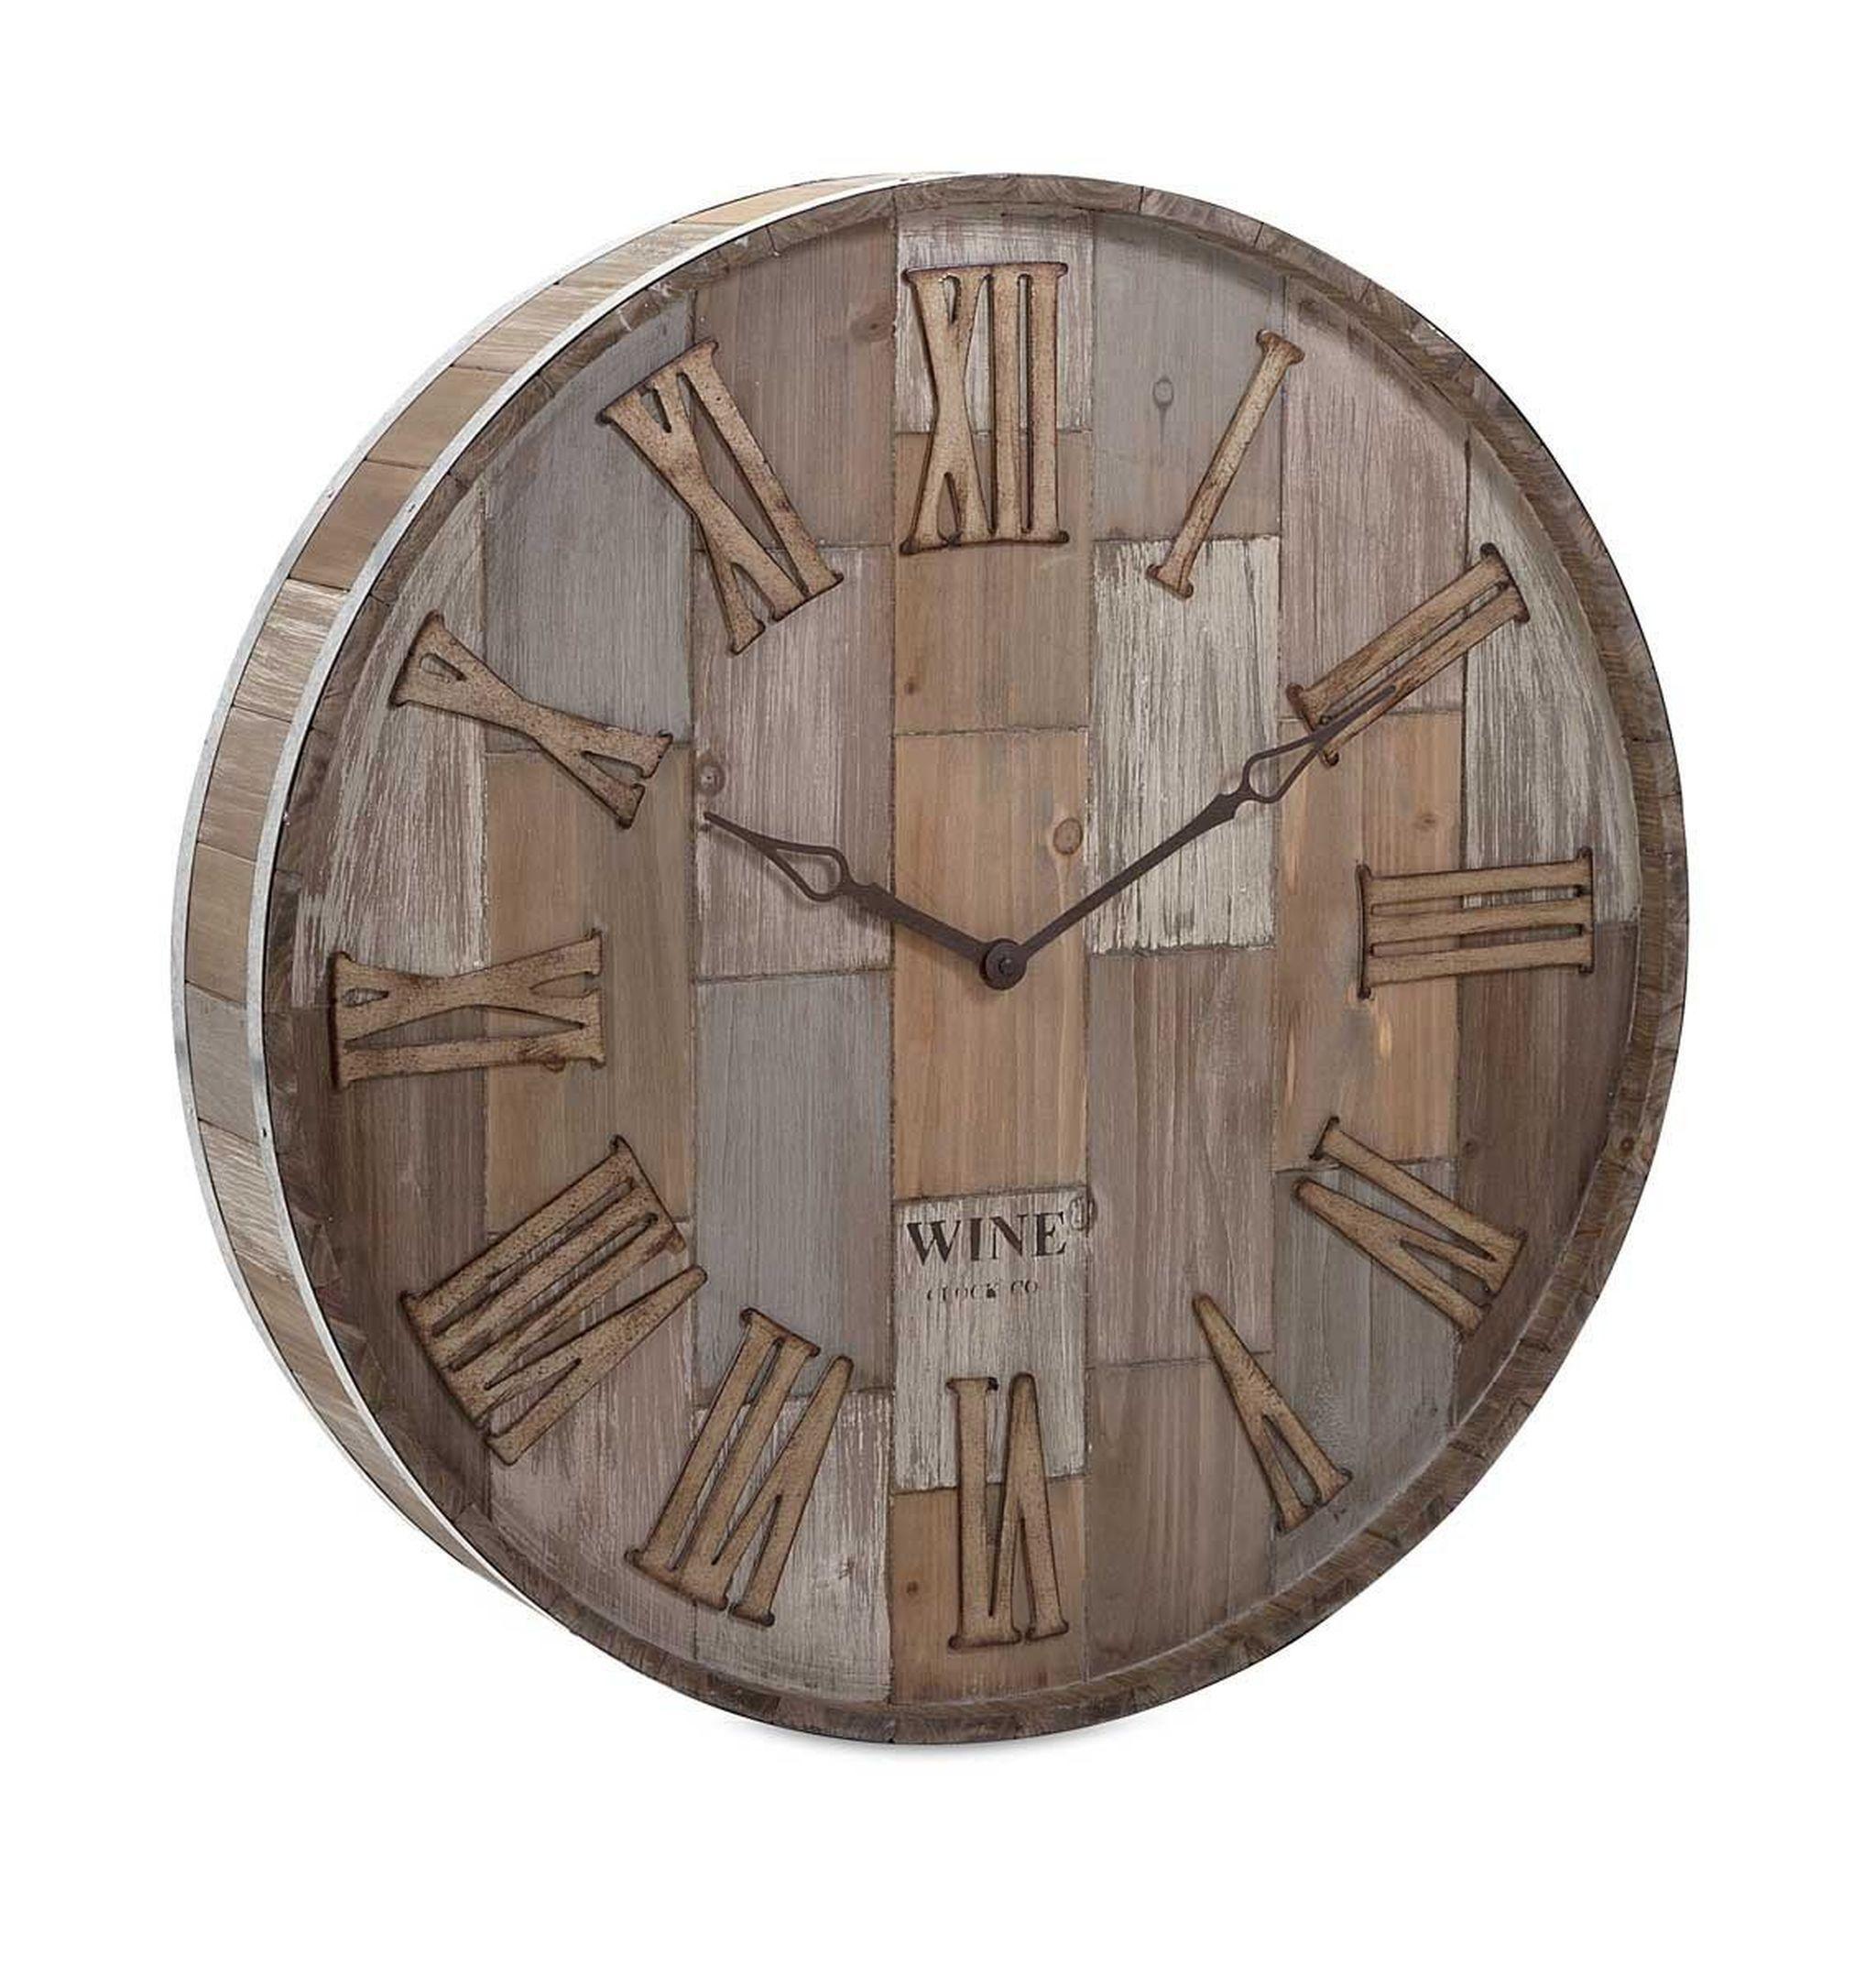 239 40 Imax Wine Barrel Wood Wall Clock Wine Barrel Wall Wall Clock Wood Wall Clock